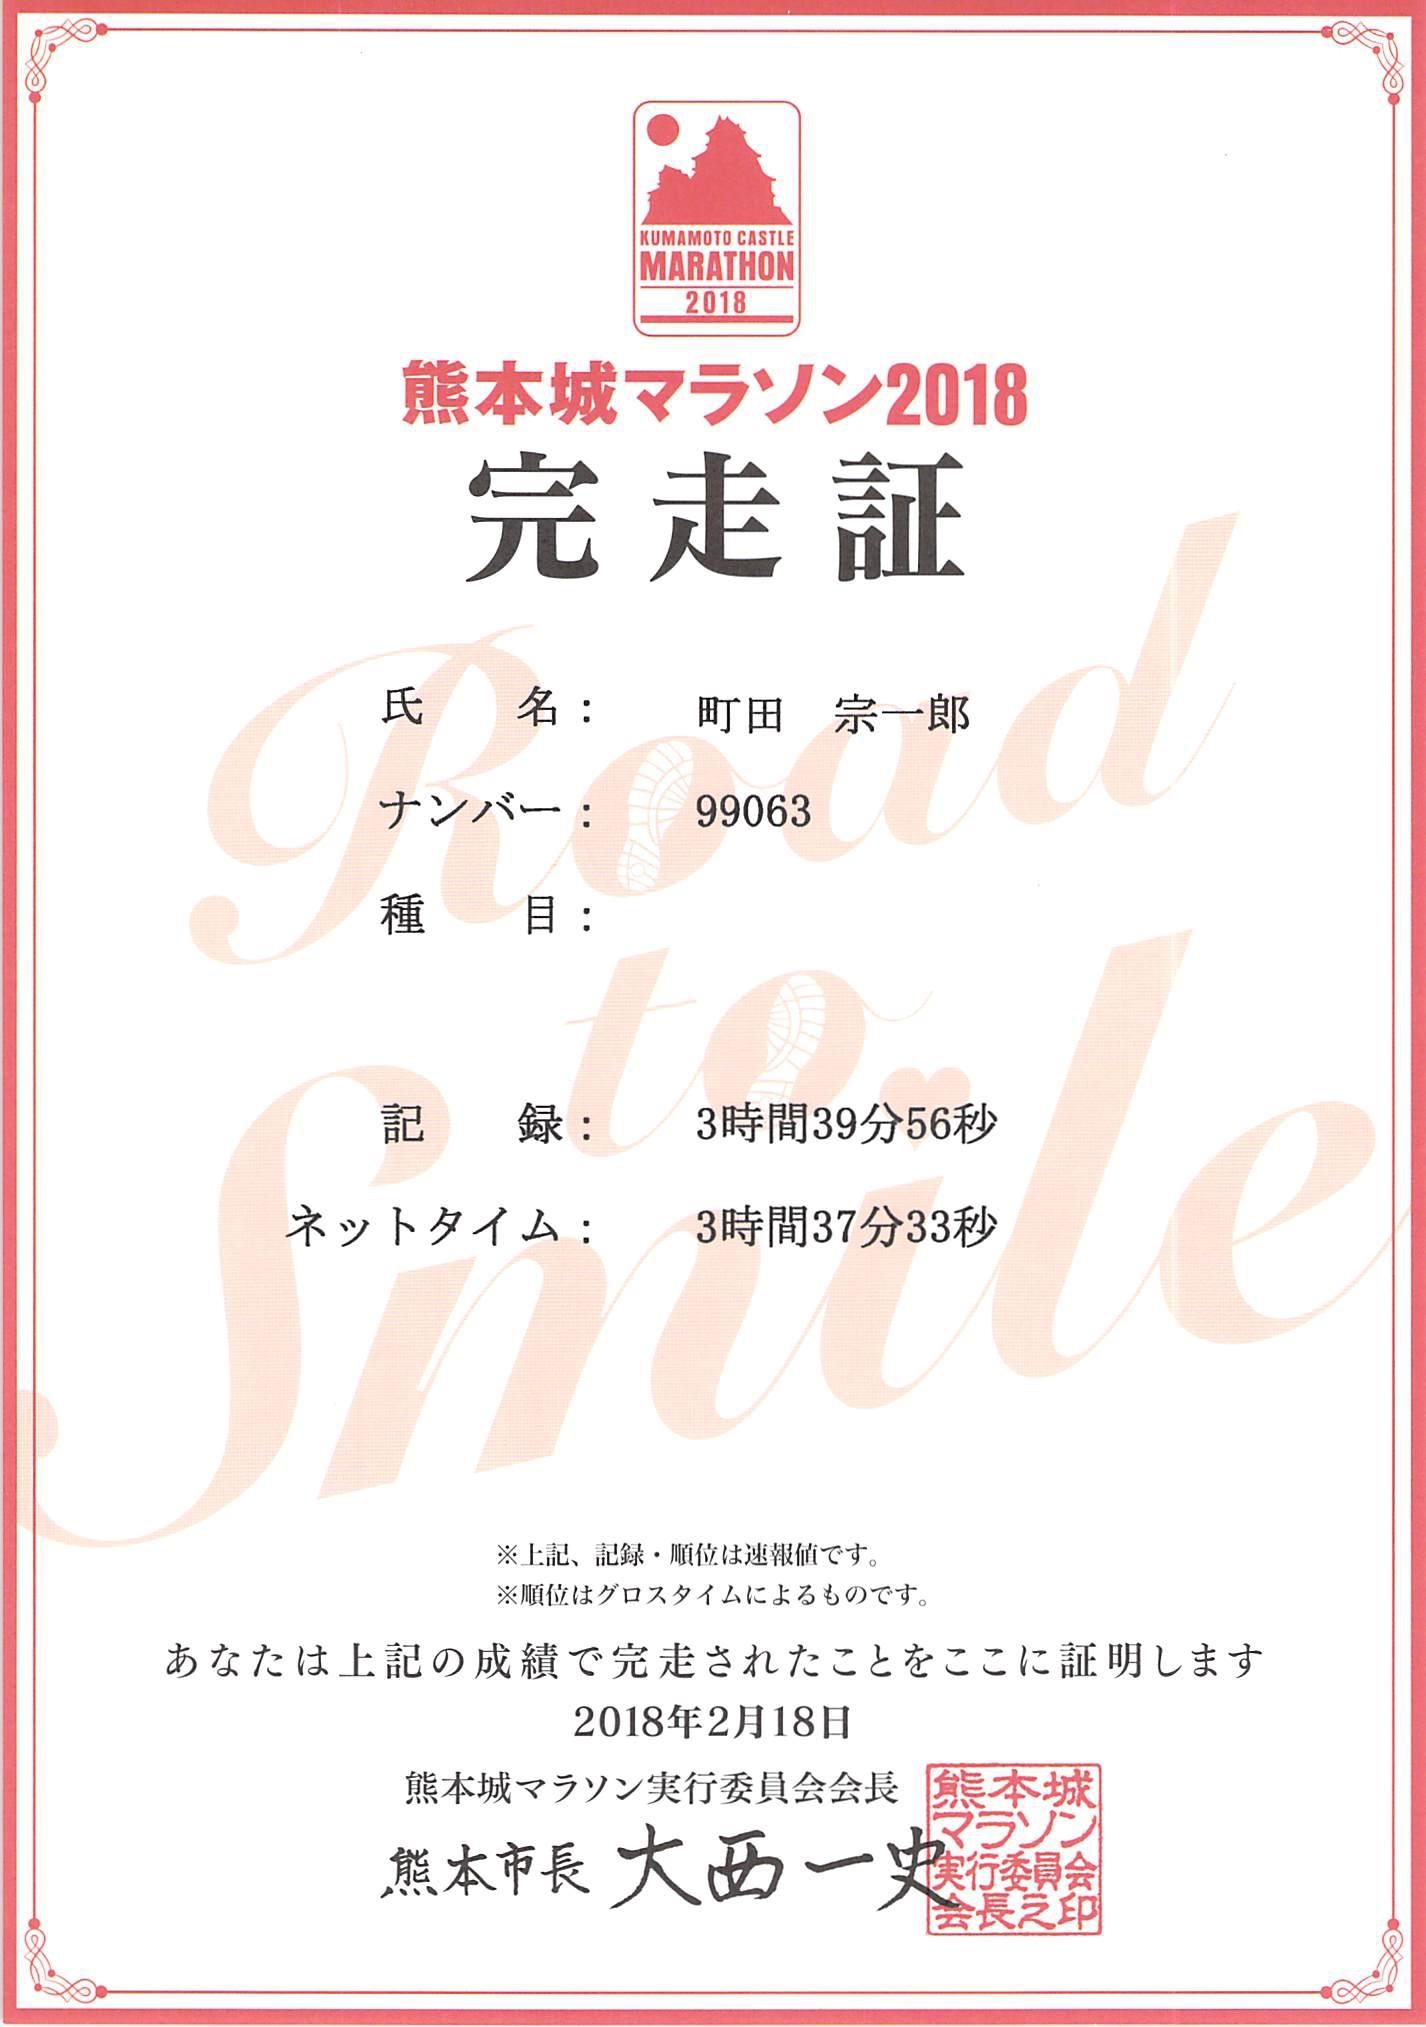 2018熊本城マラソン